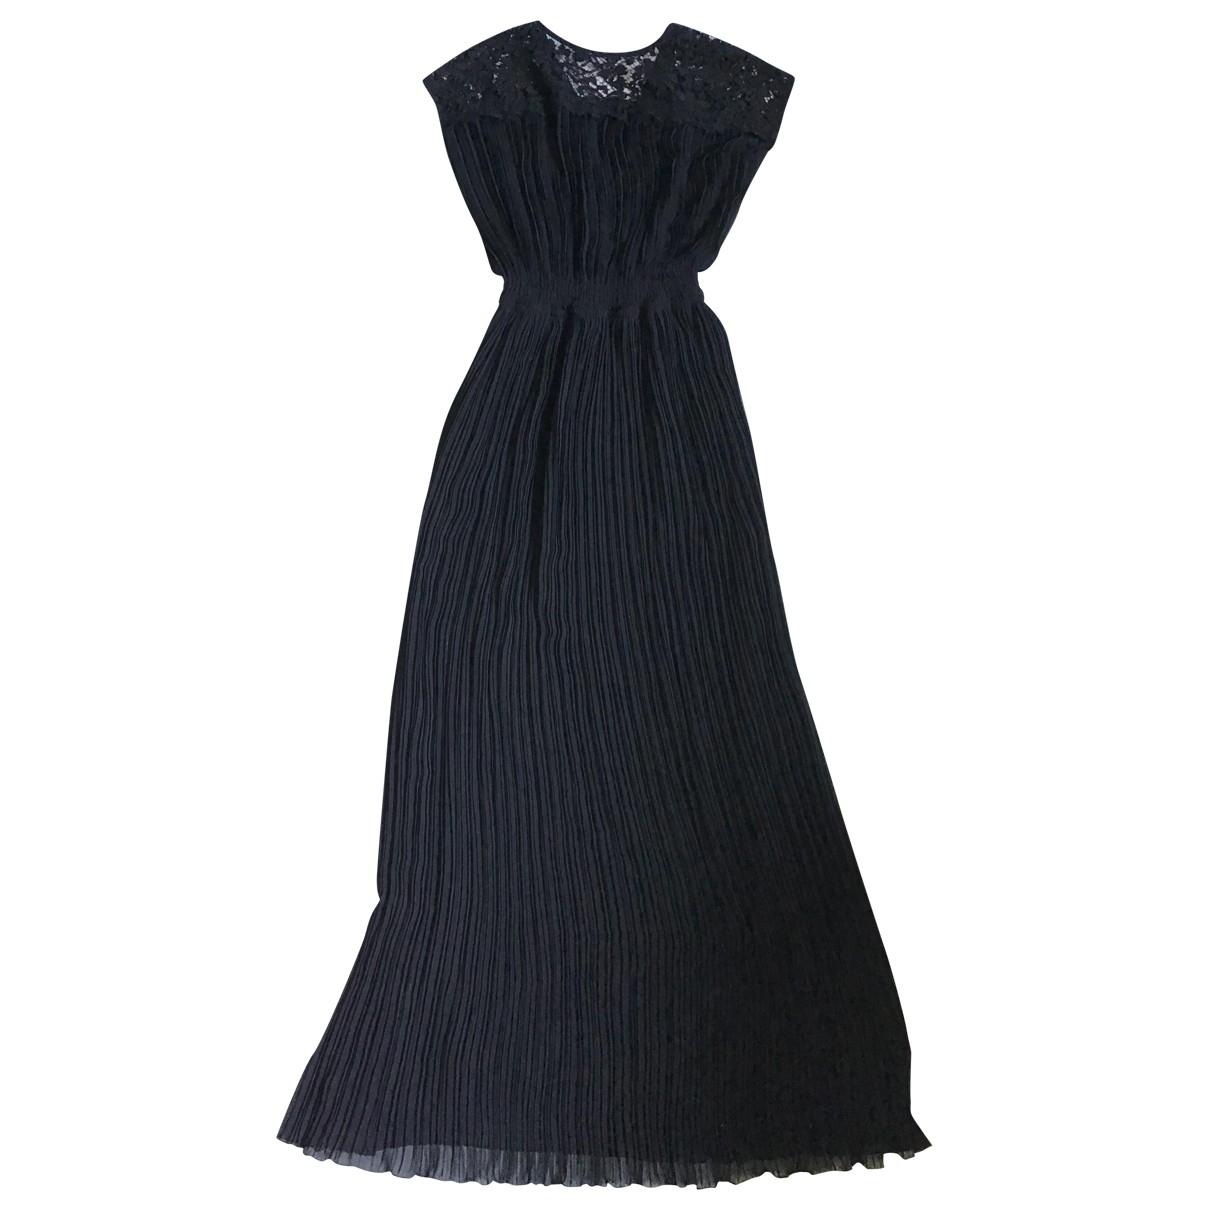 Parosh \N Kleid in  Schwarz Polyester